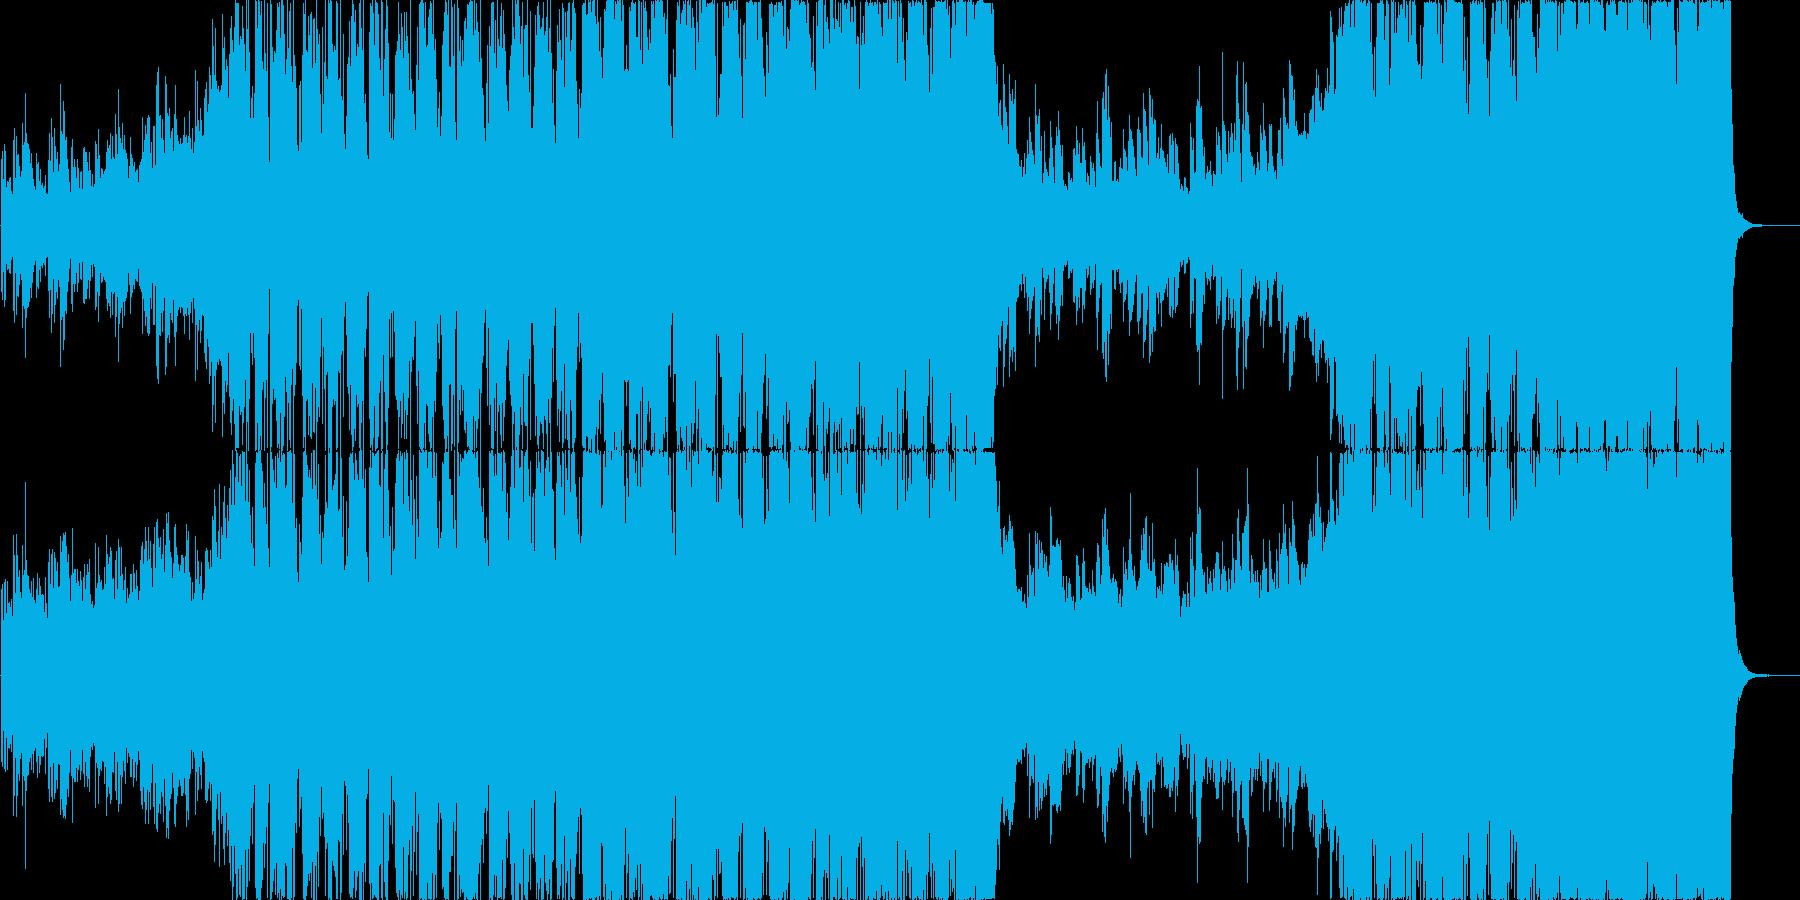 シンフォニックとエレクトロのダブステップの再生済みの波形